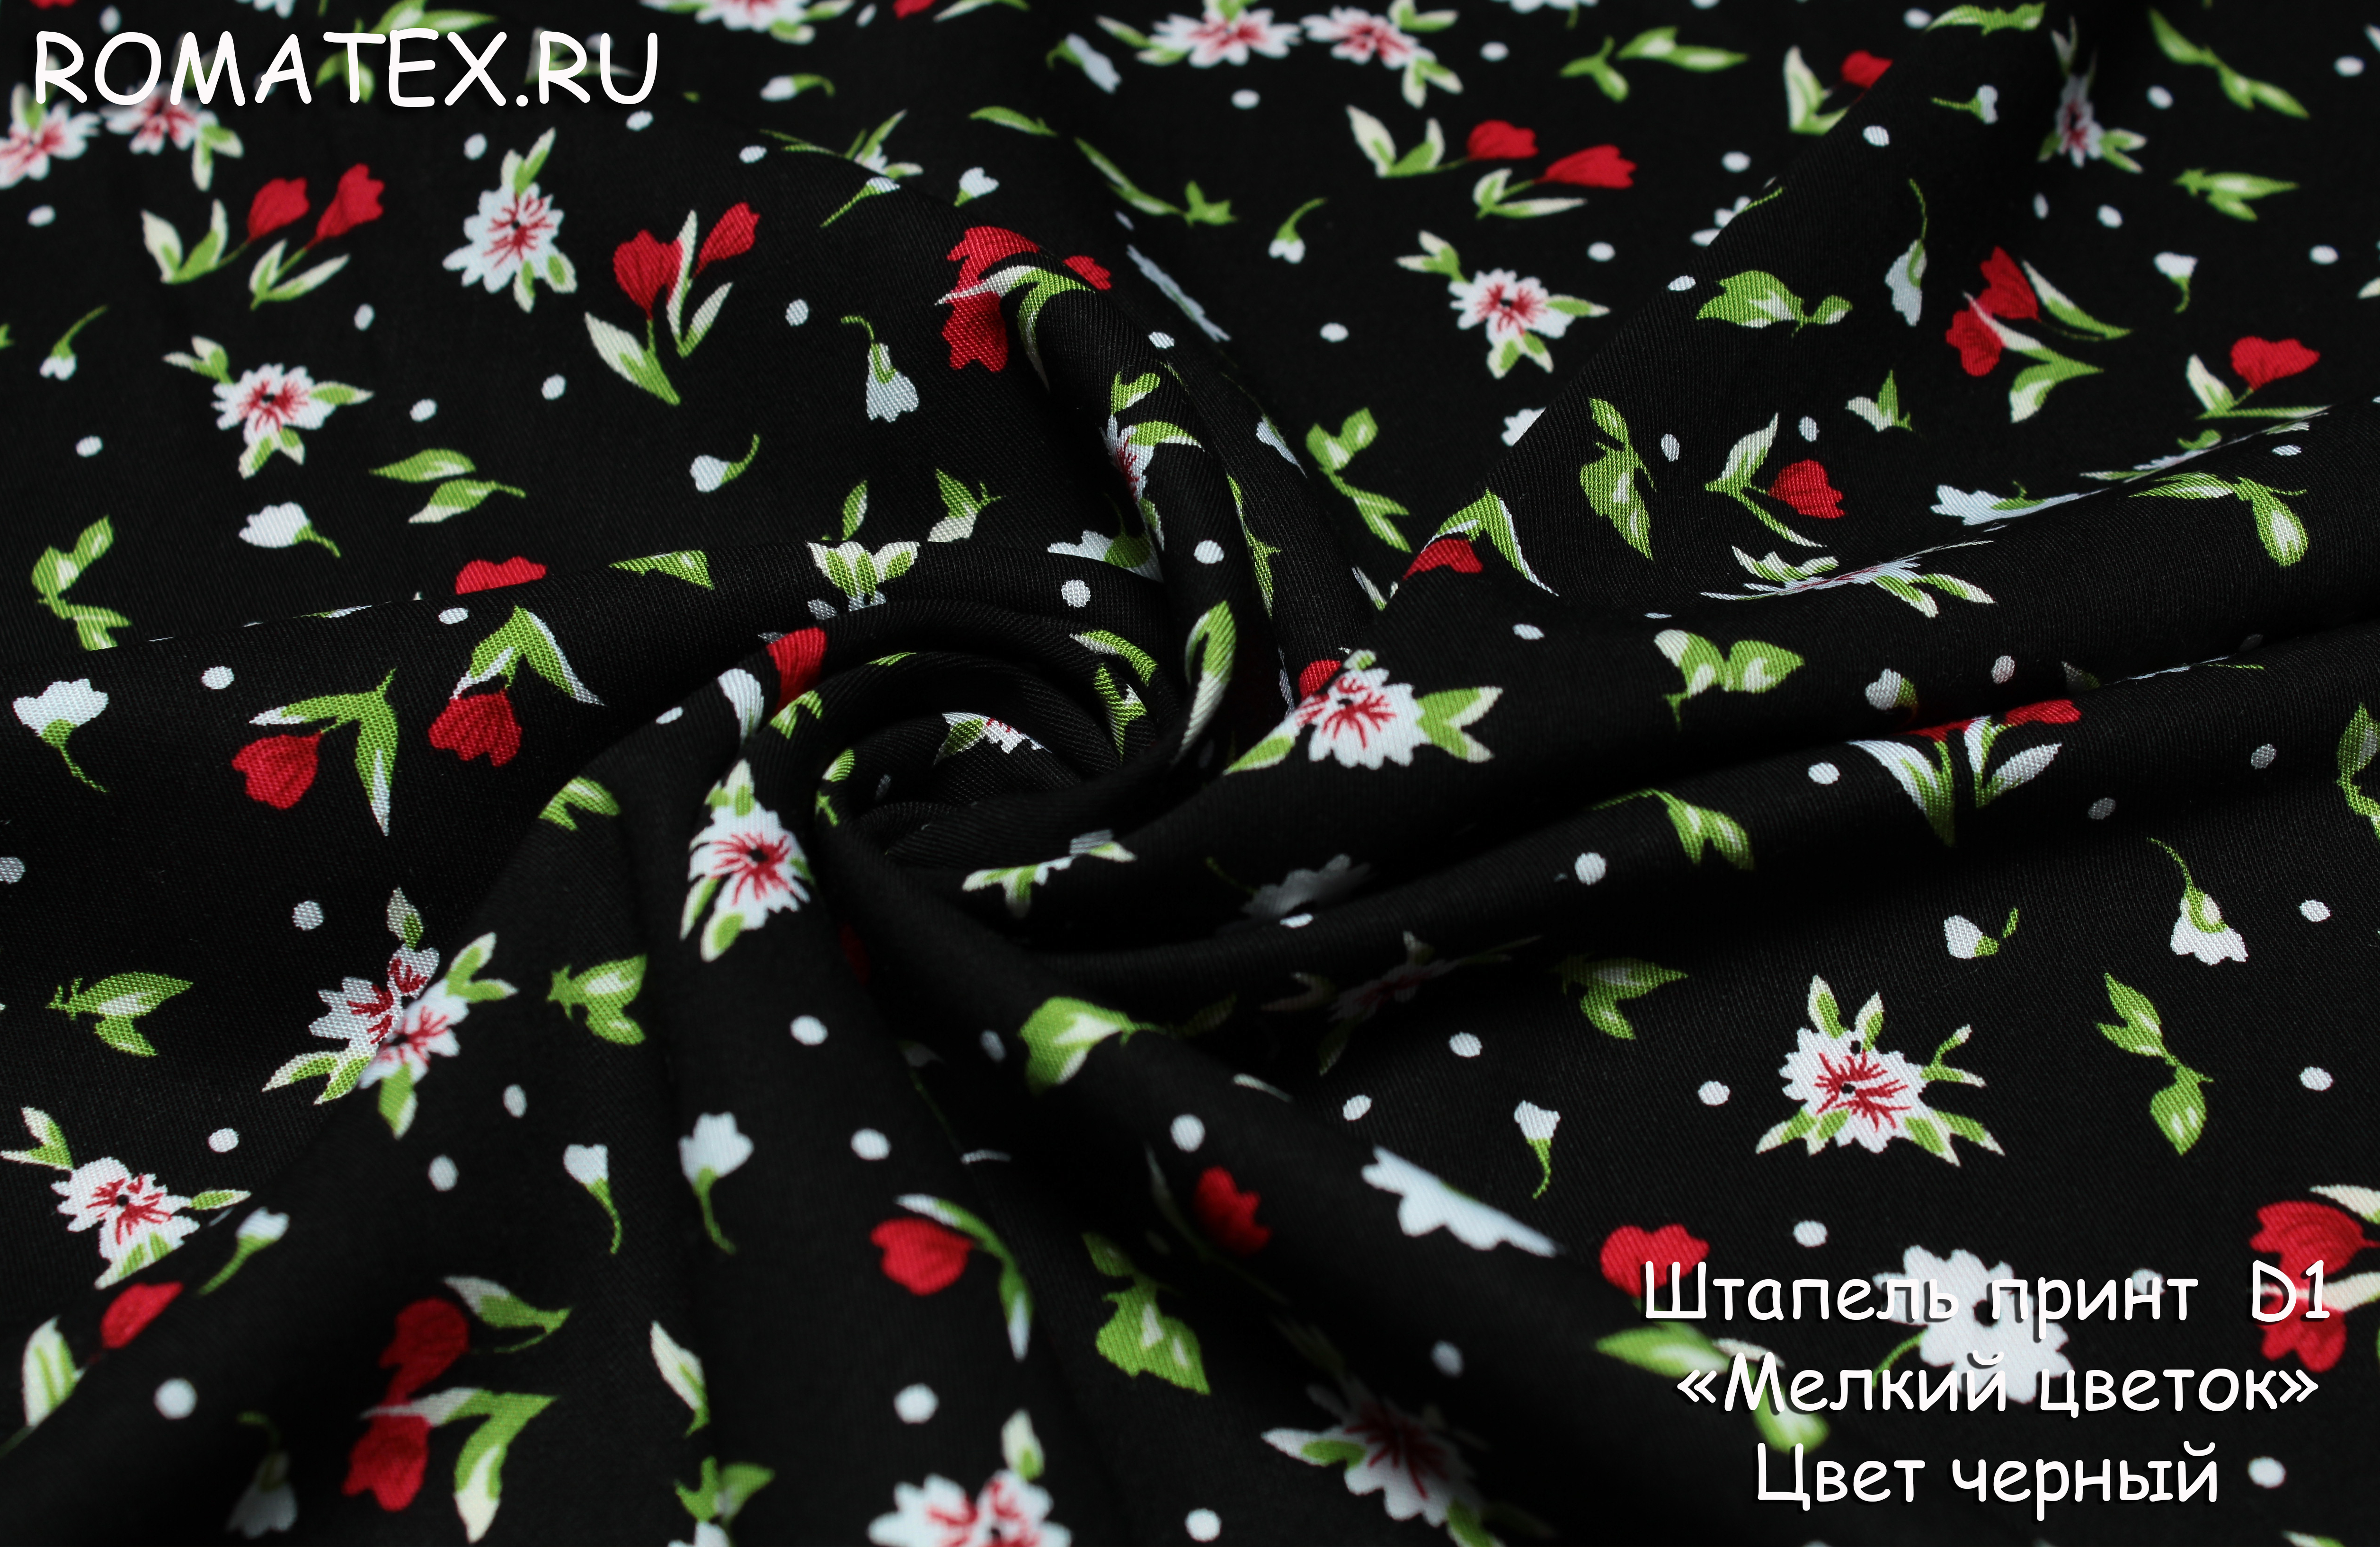 Штапель принт D1 «Мелкий цветок» цвет черный